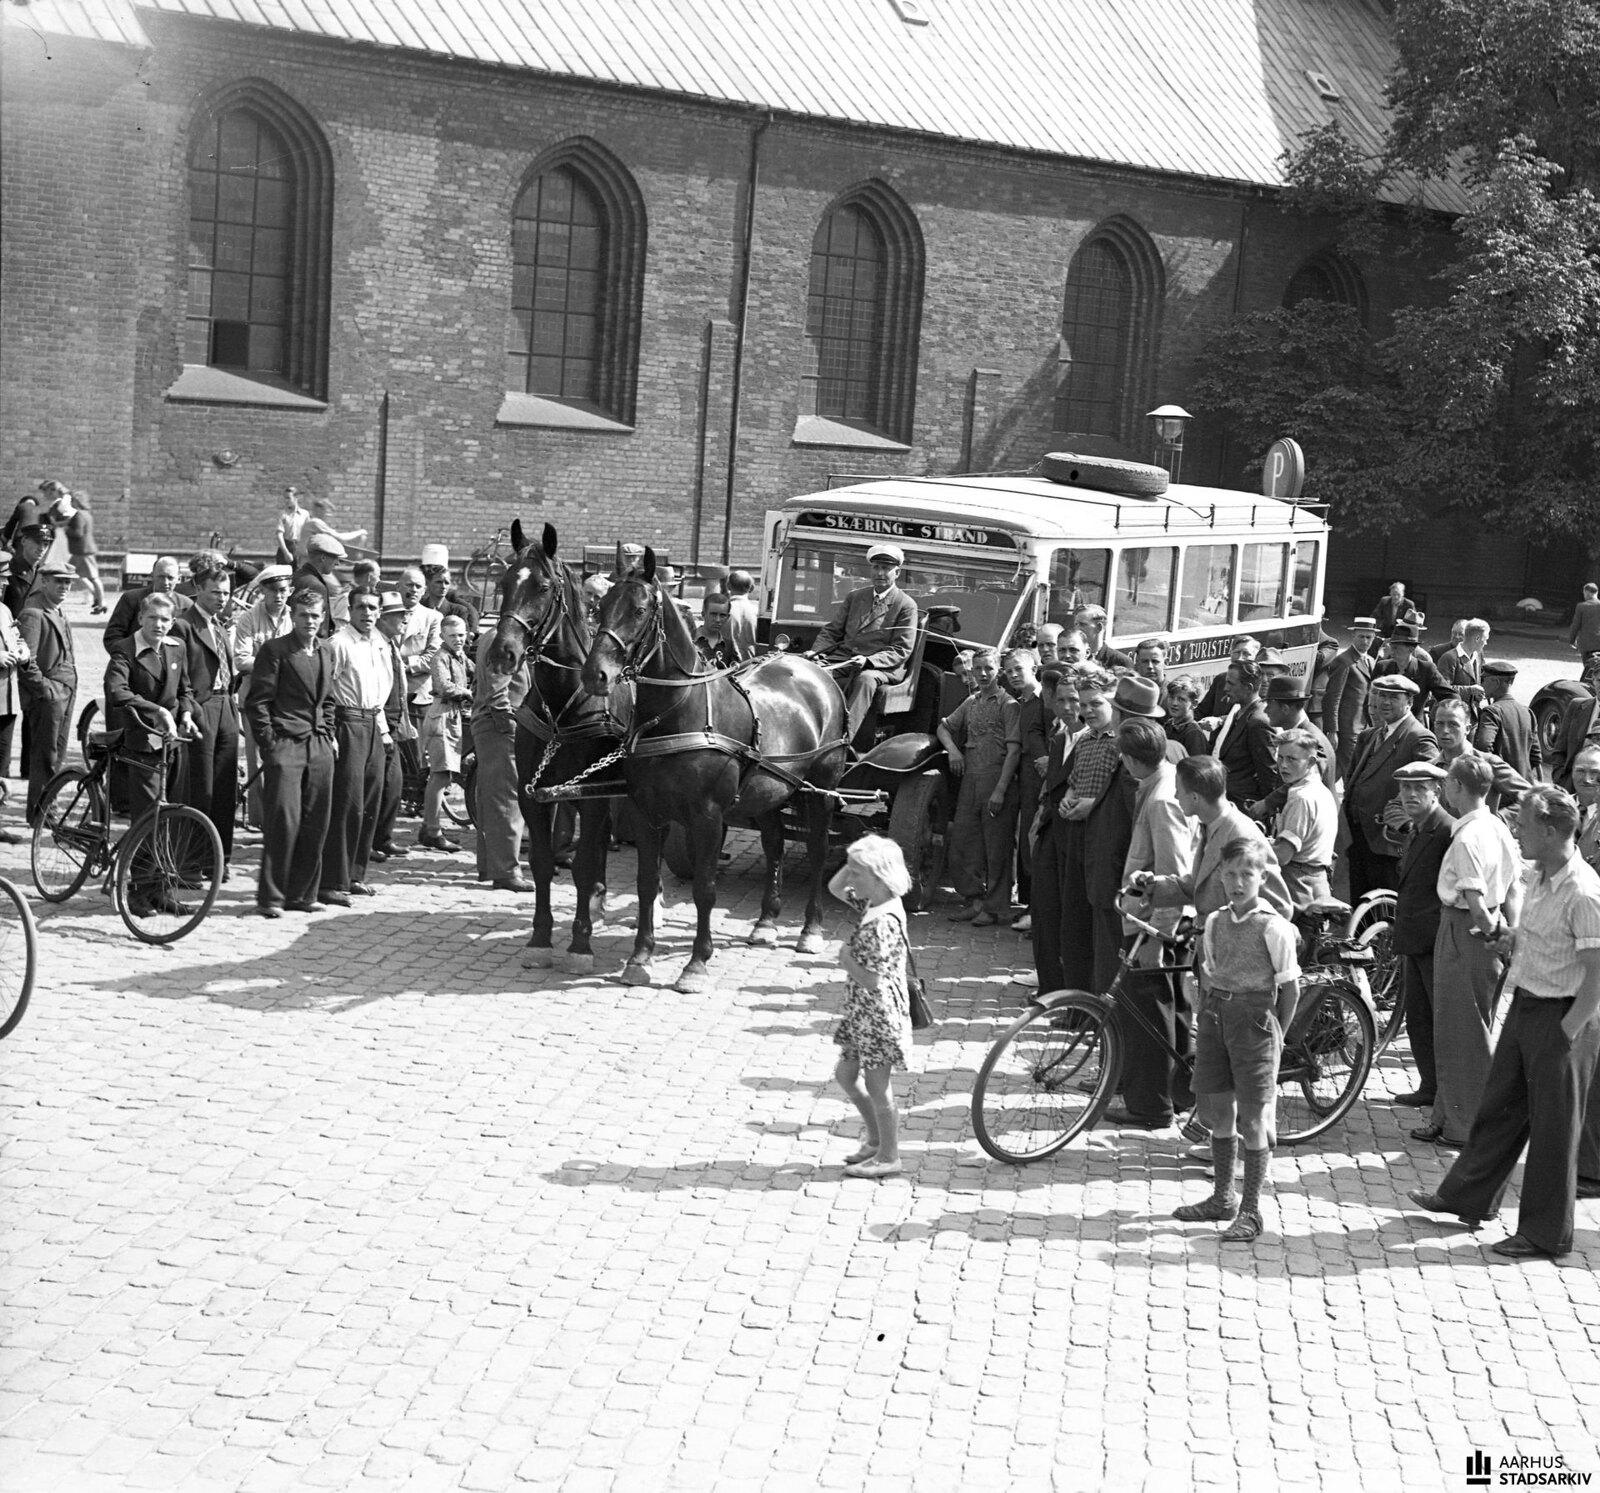 1940. Толпа вокруг автобуса с двумя привязанными лошадьми. Переоборудованный автобус, который использовался для движения по маршруту Орхус-Скуринг, принадлежит ресторатору Ингеману Шмидту,